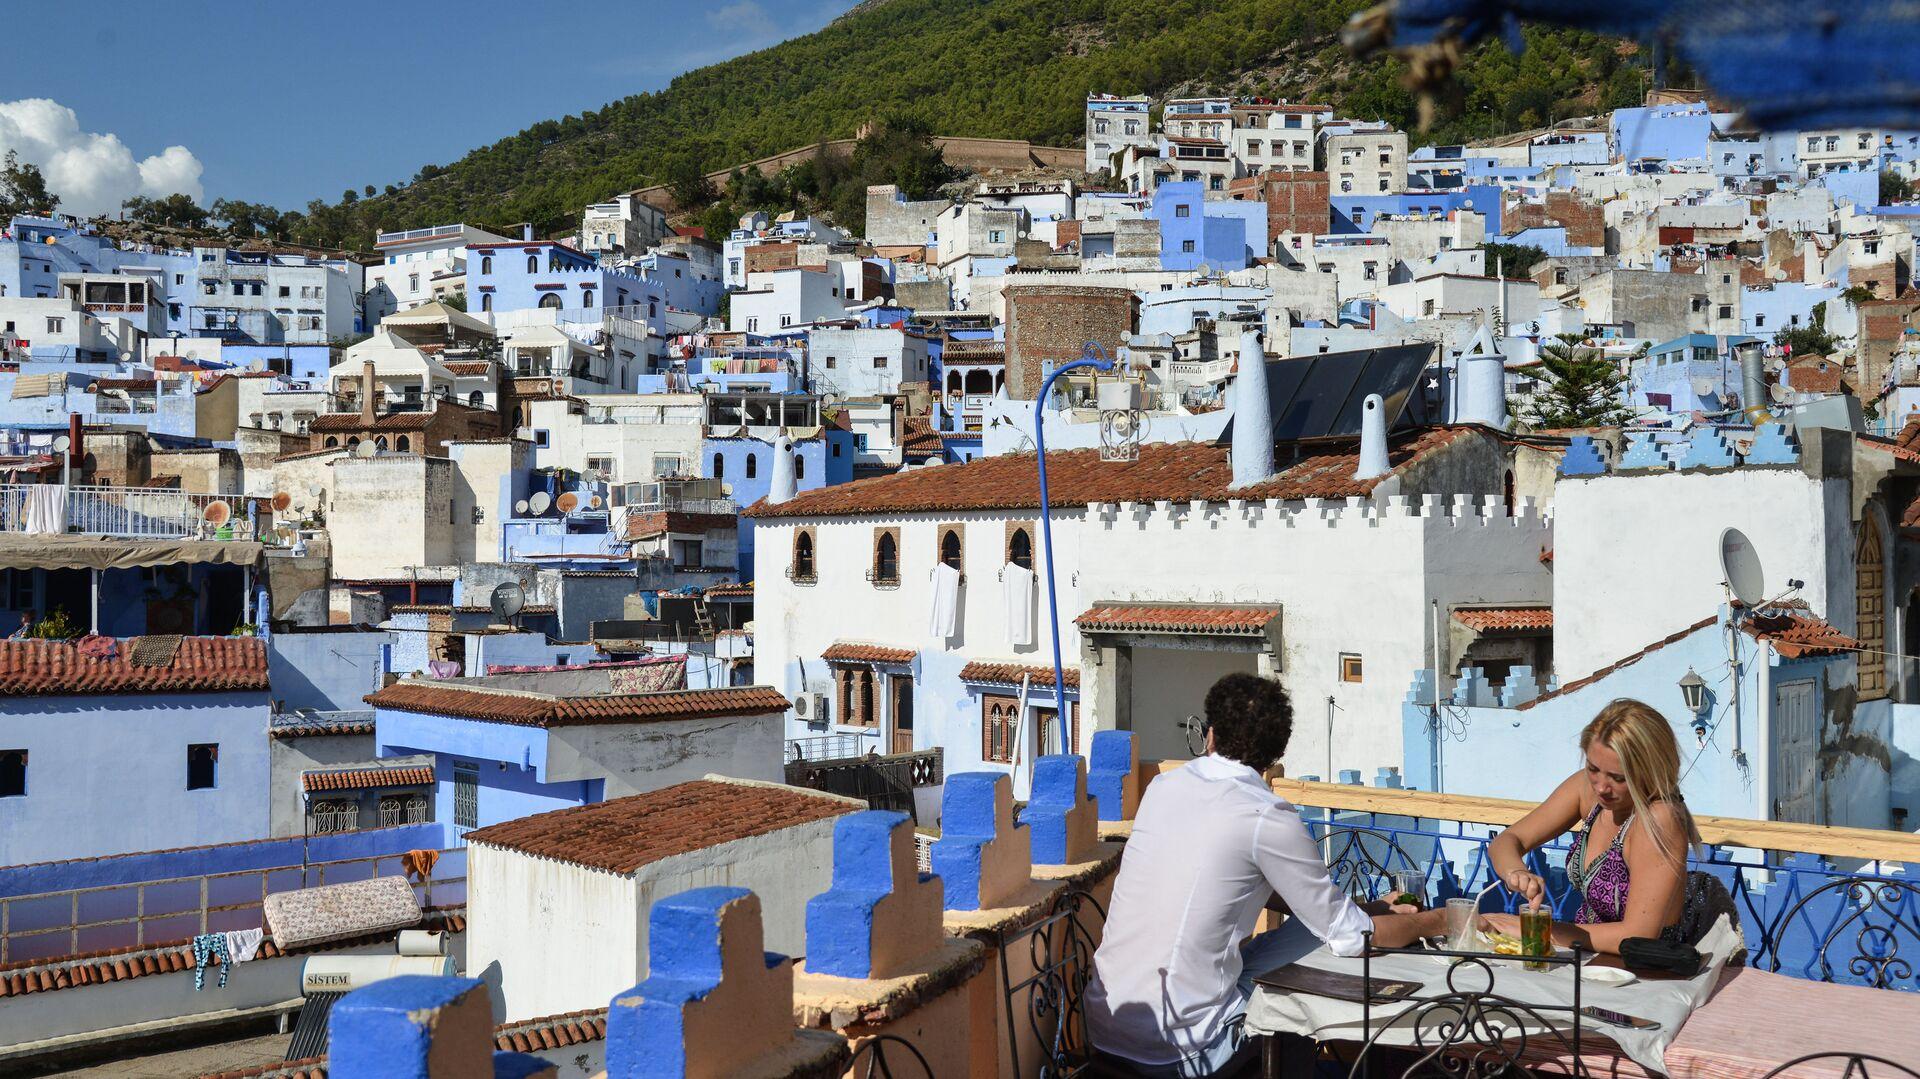 Люди в кафе на крыше одного из домов в городе Шифшавен, Марокко - РИА Новости, 1920, 02.06.2021